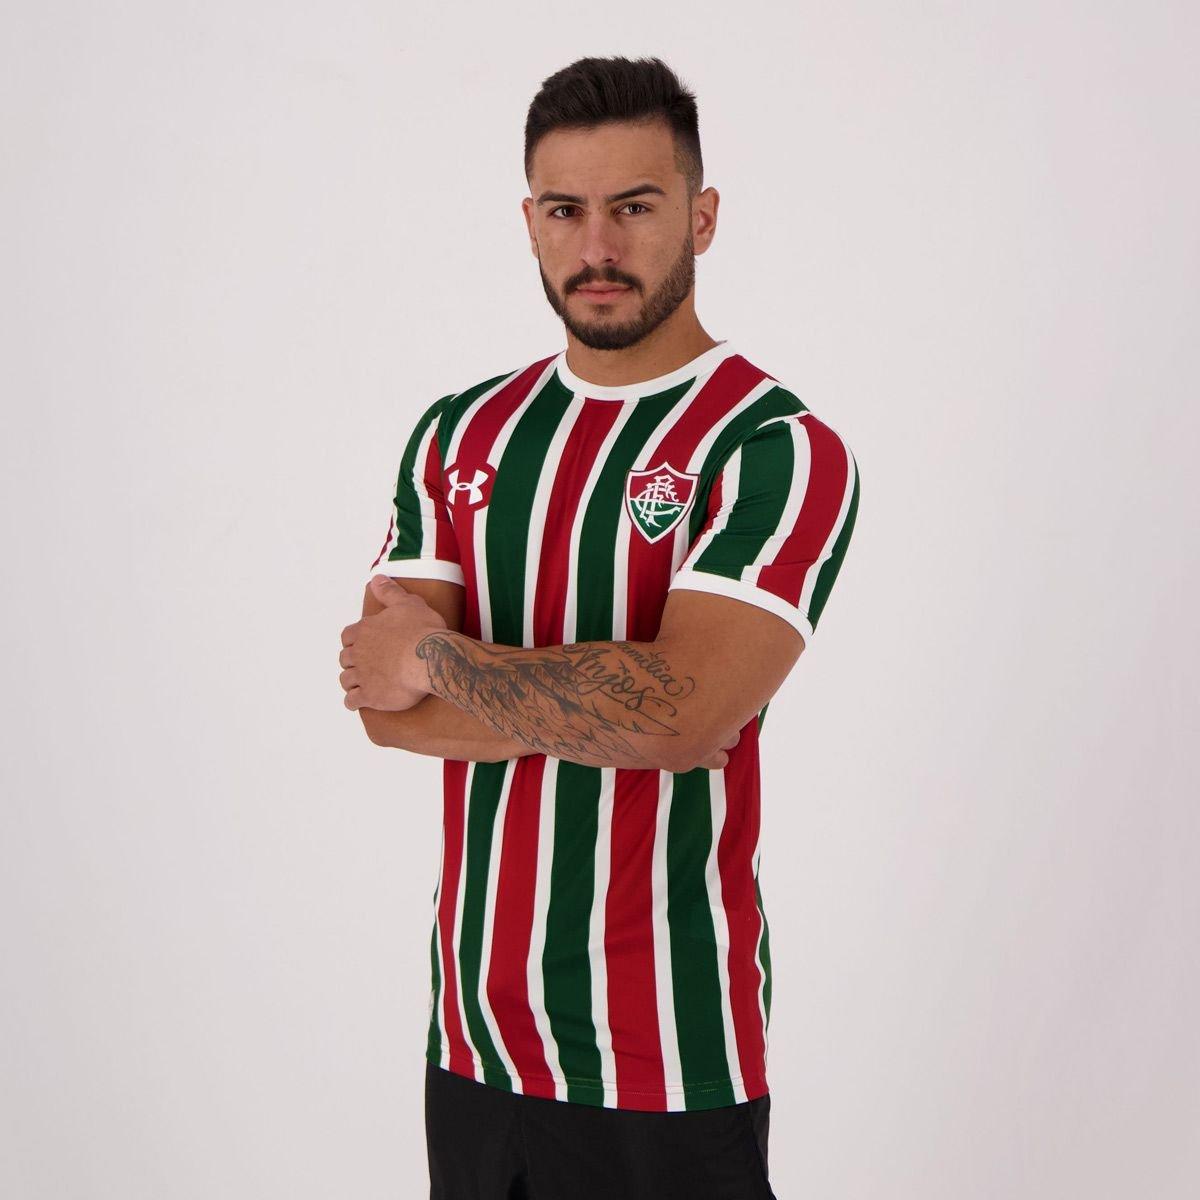 Camisas de times em promoção: Fluminense